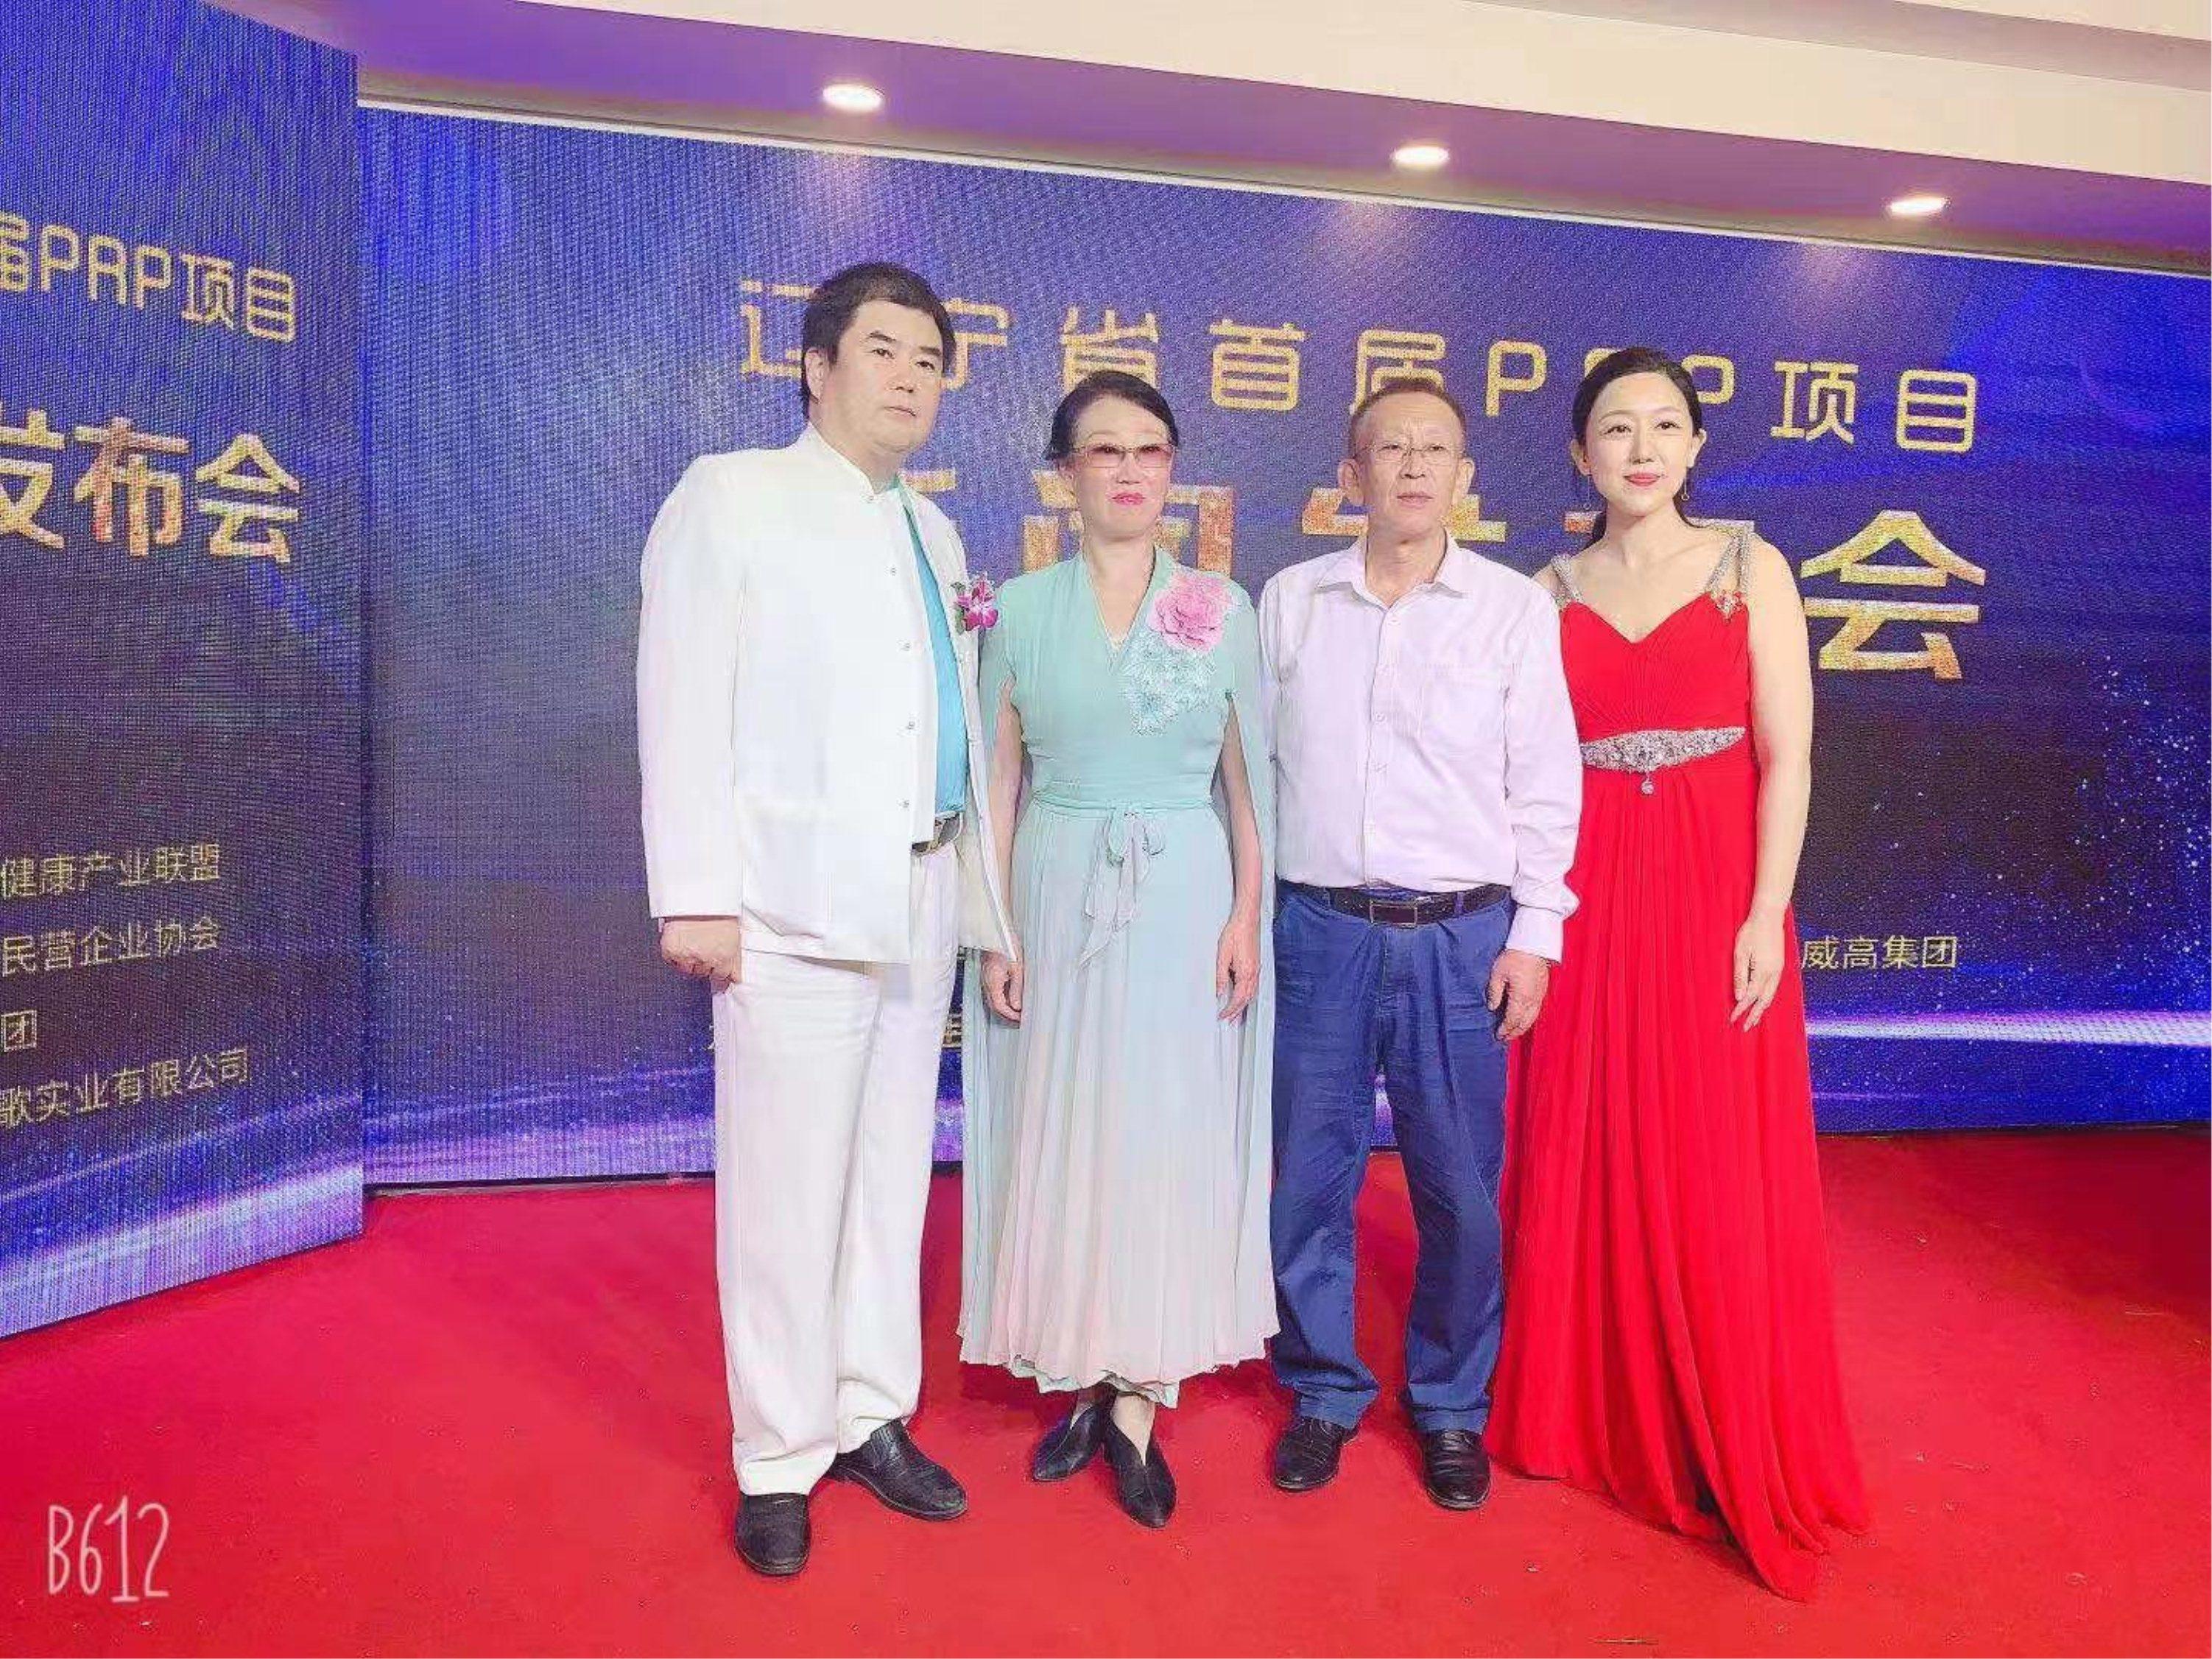 张江平博士后受邀参加辽宁首届PRP项目发布会